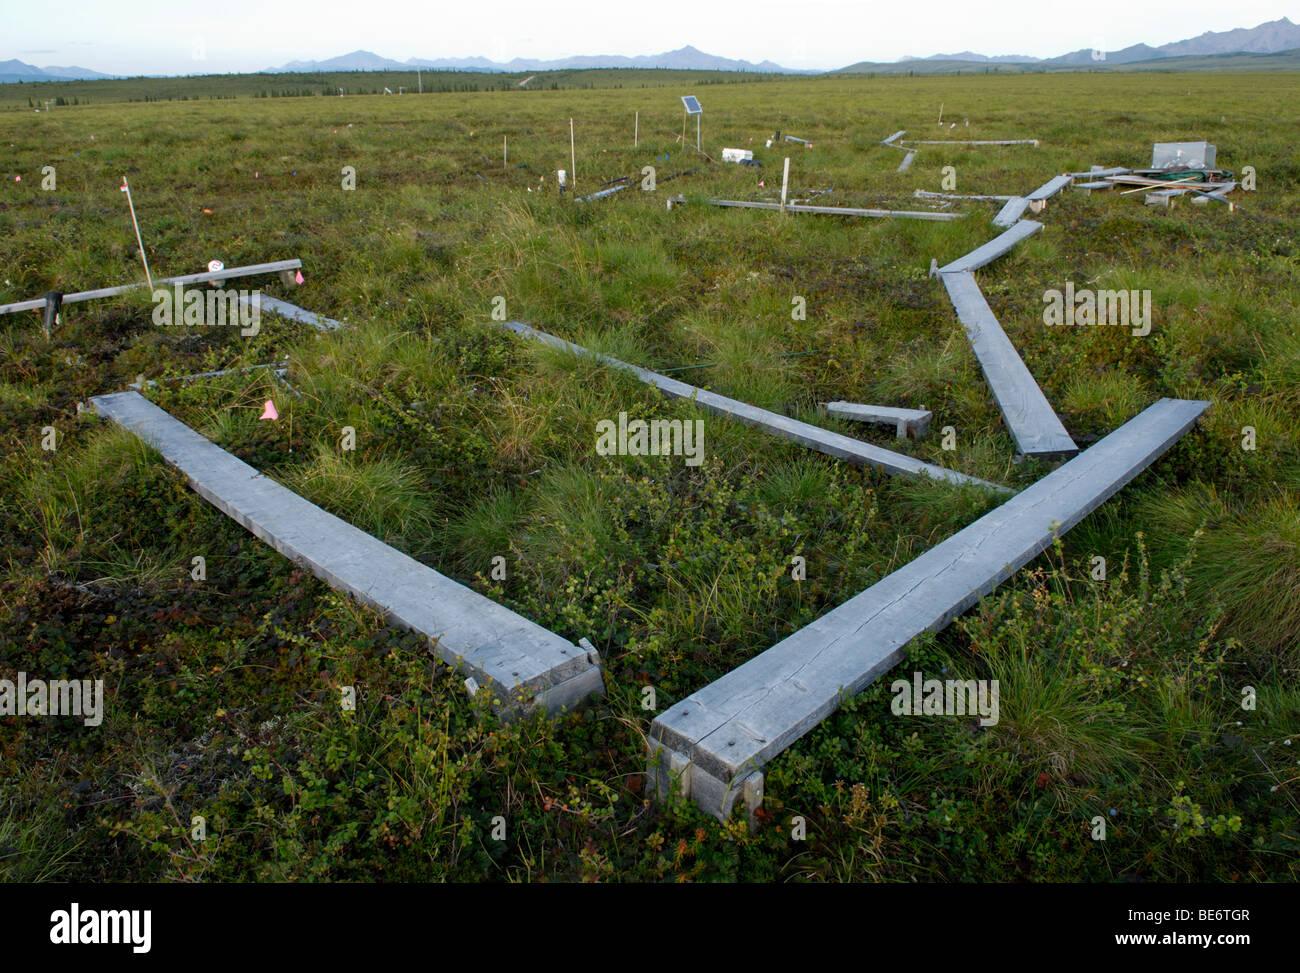 Site de recherche sur le changement climatique, de l'Alaska. La libération de dioxyde de carbone par le Photo Stock